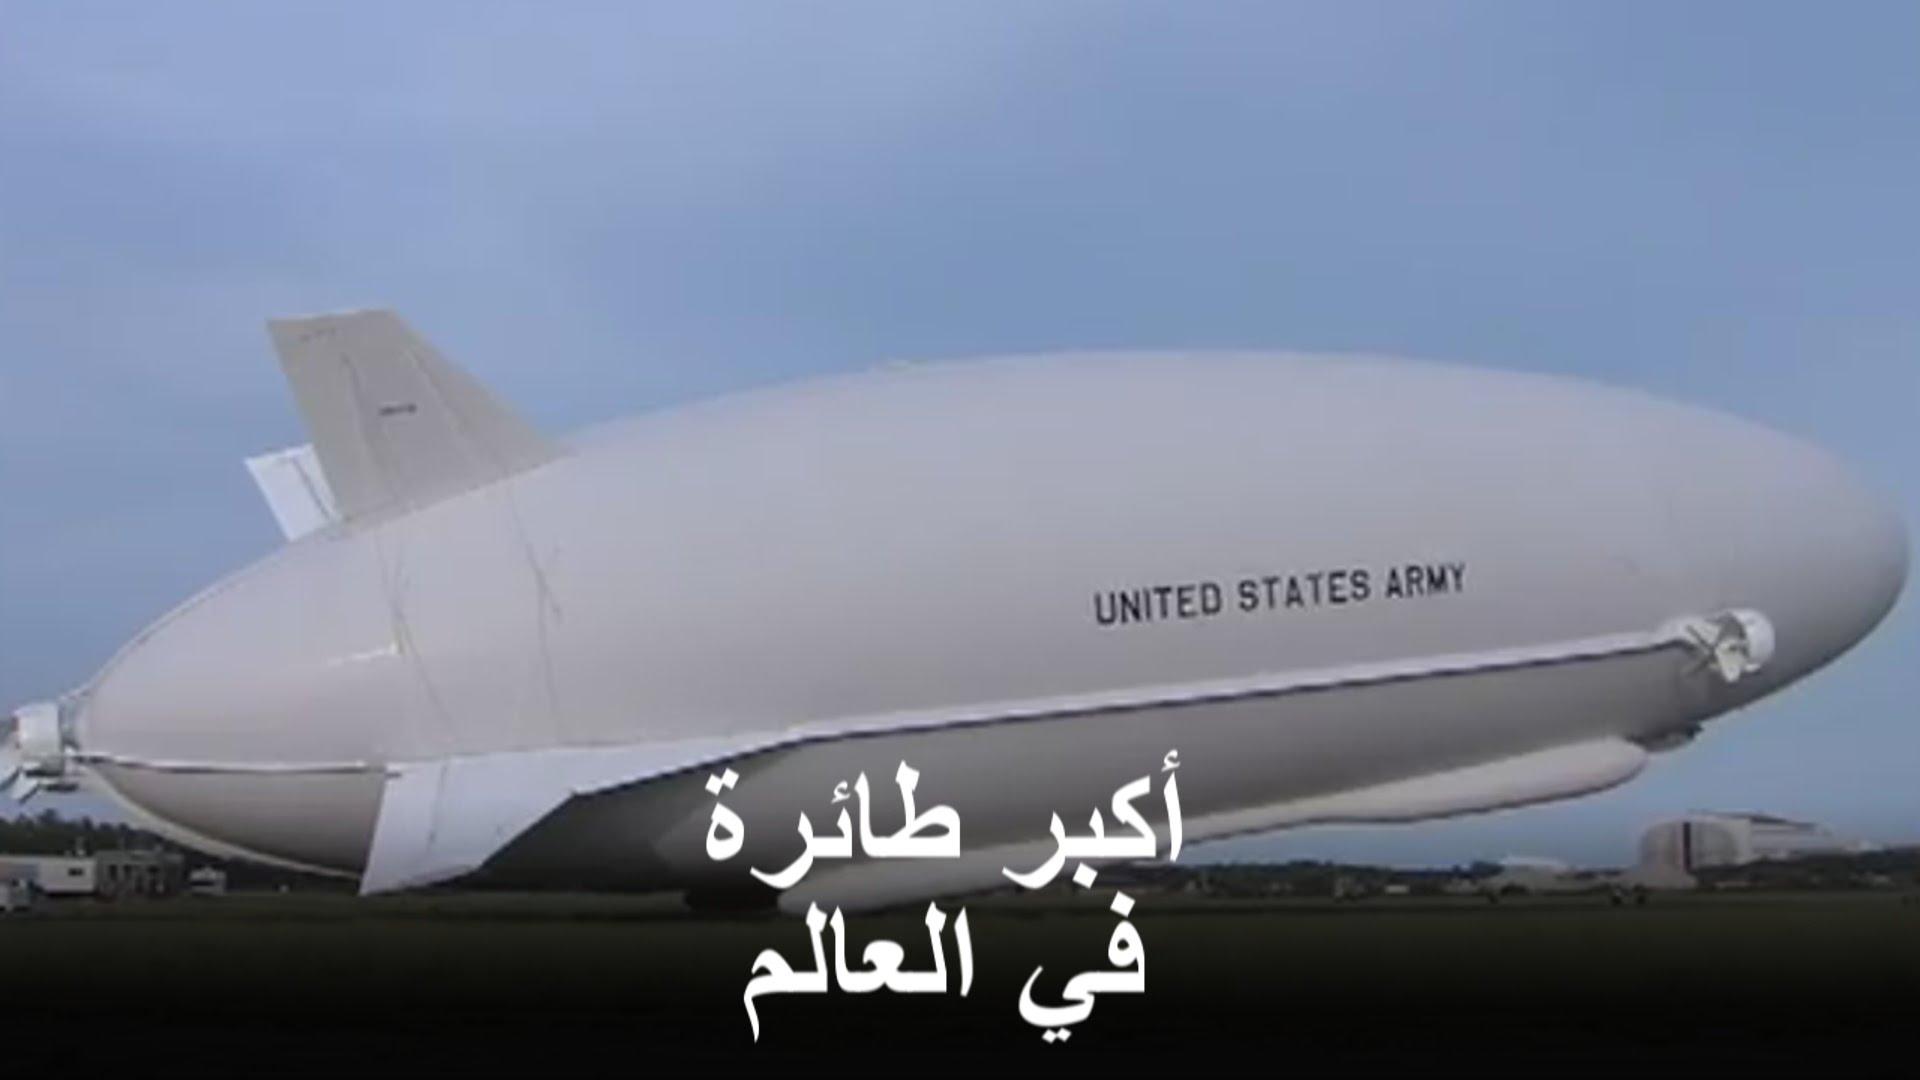 بالصور اكبر طائرة في العالم , تعرف على اكبر طائره فى العالم 6052 4